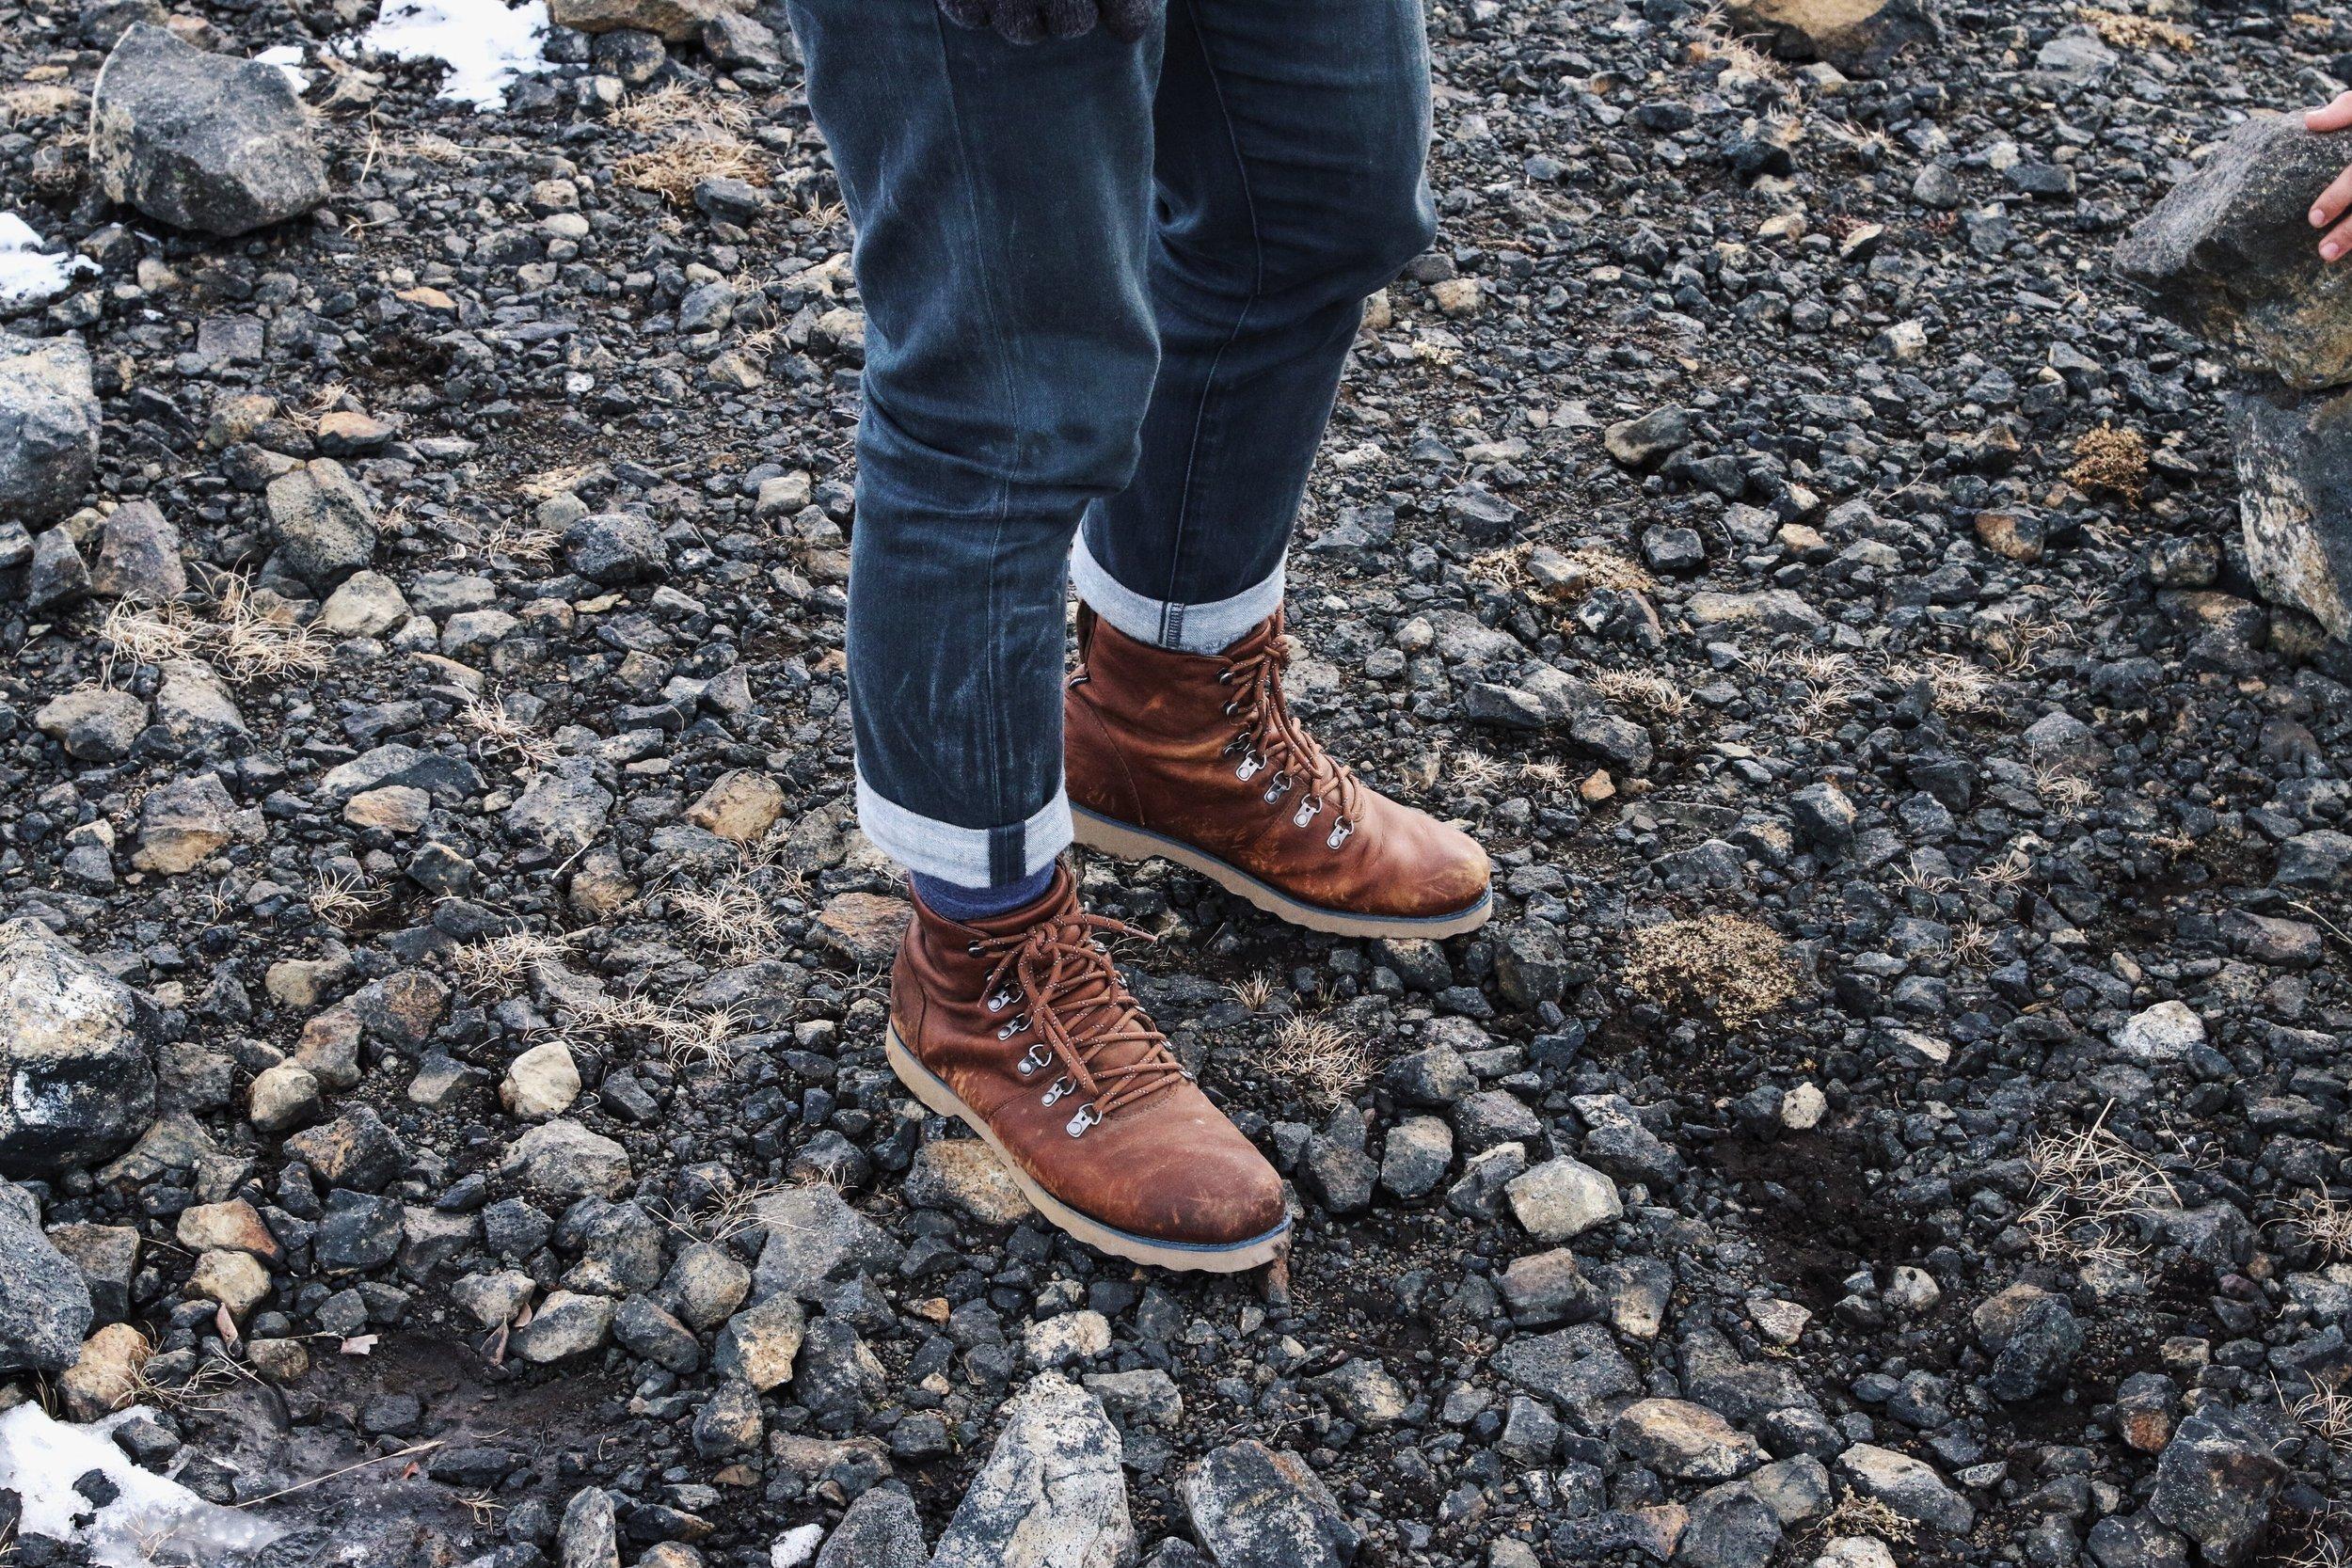 Wearing boots? - Break them in!